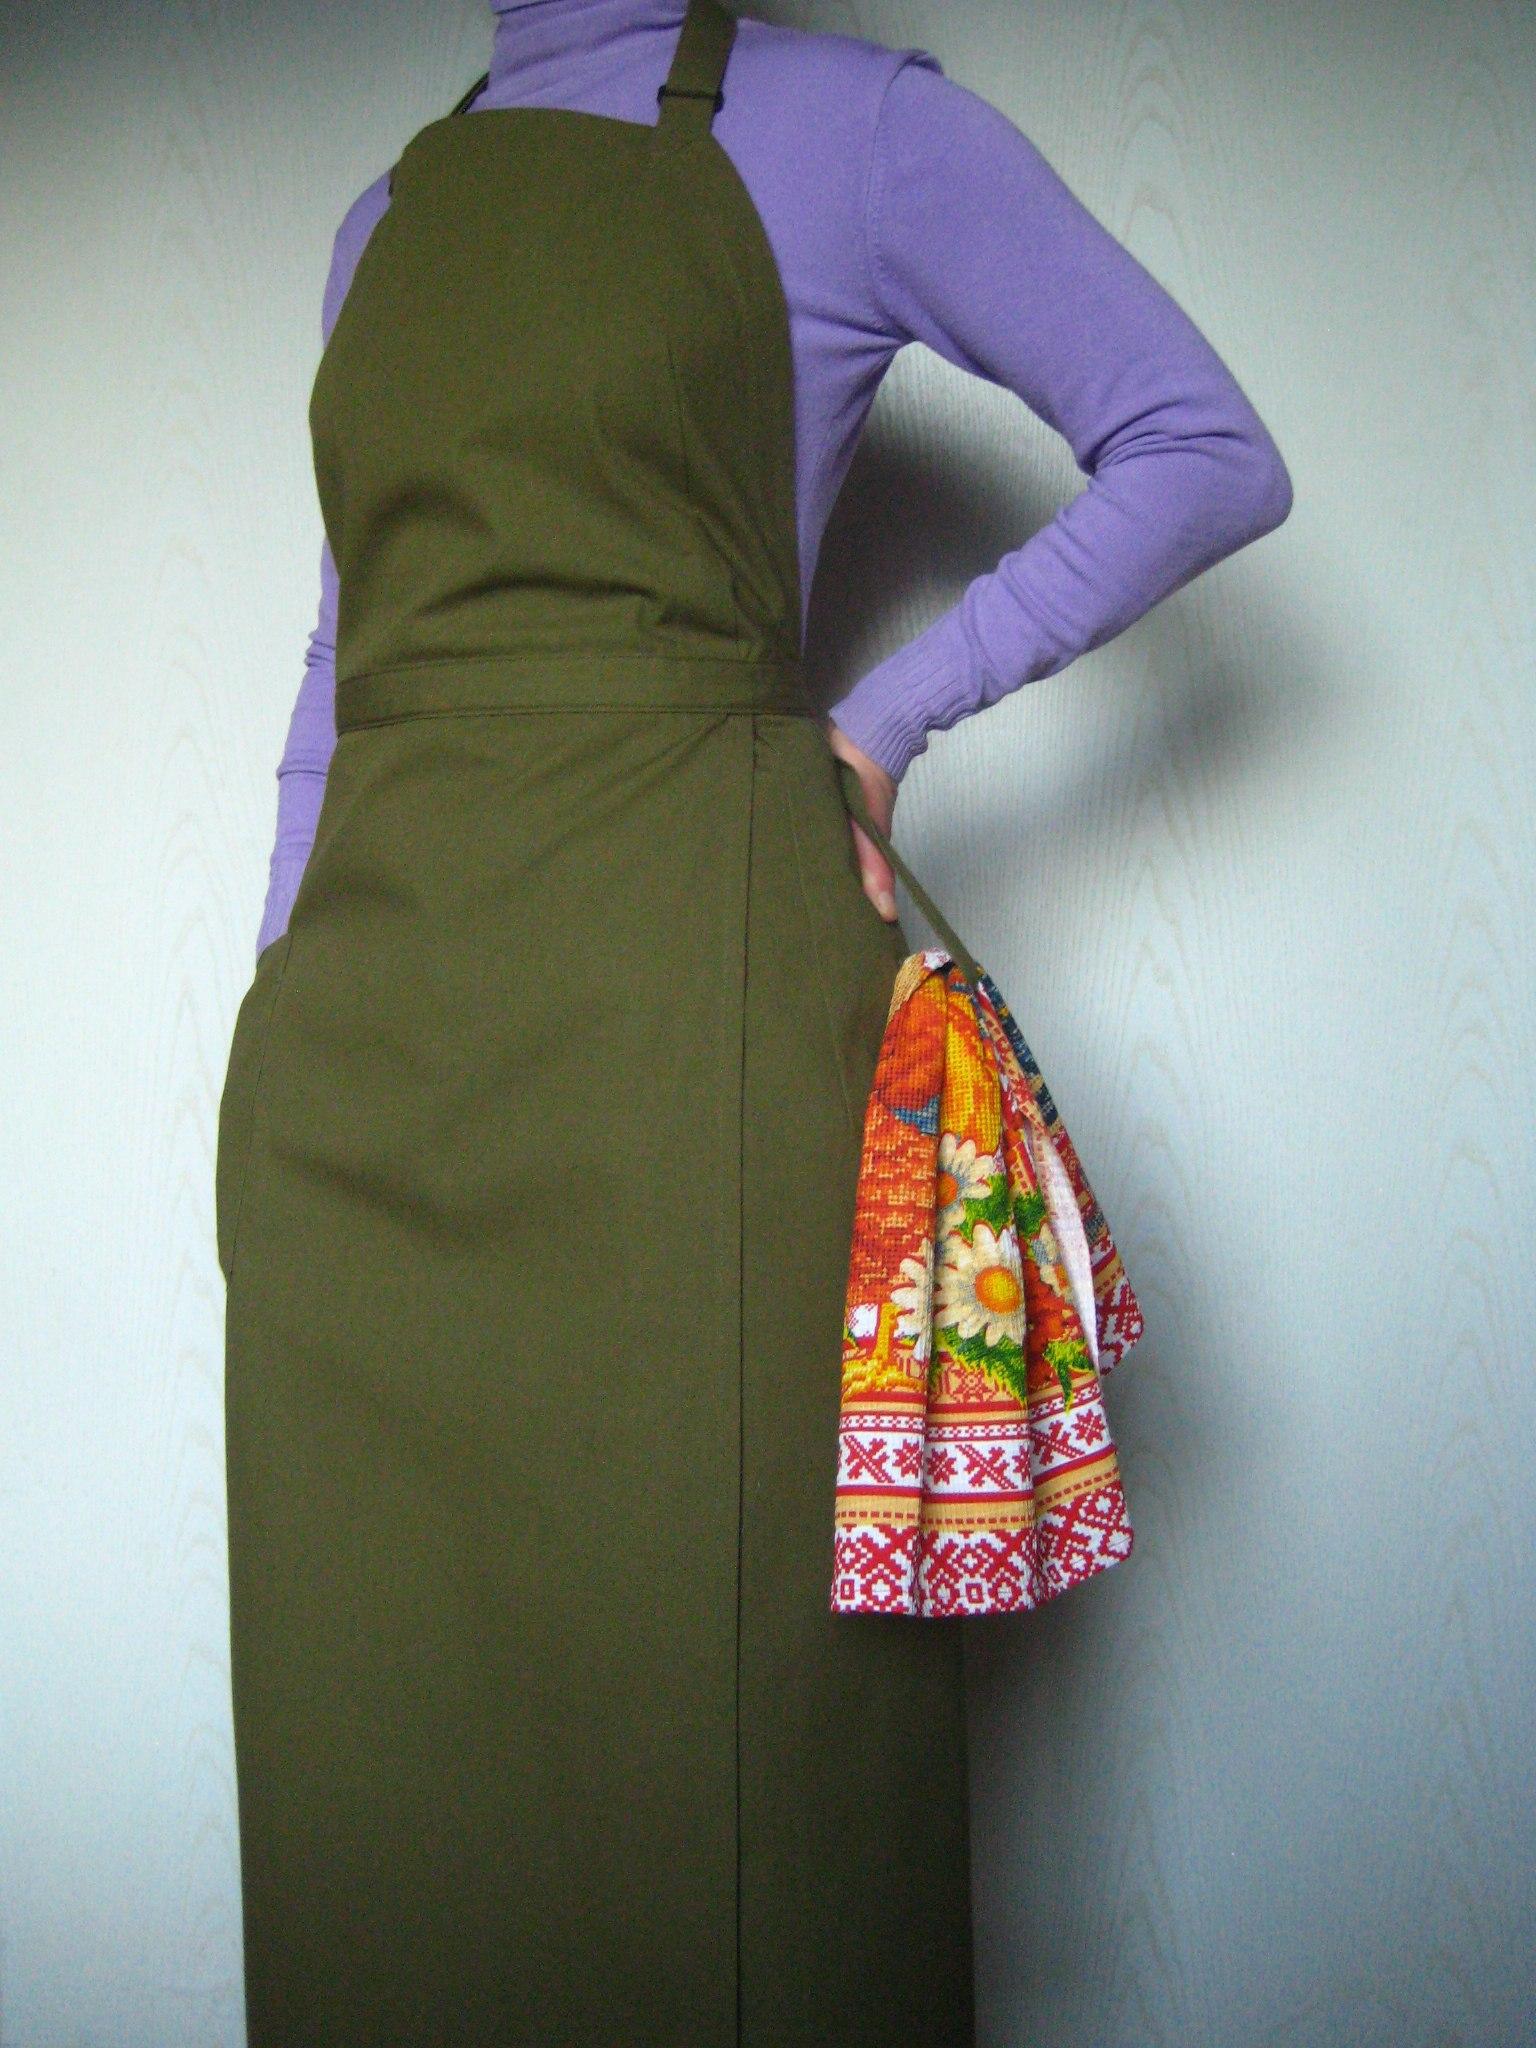 Japaneese style female apron